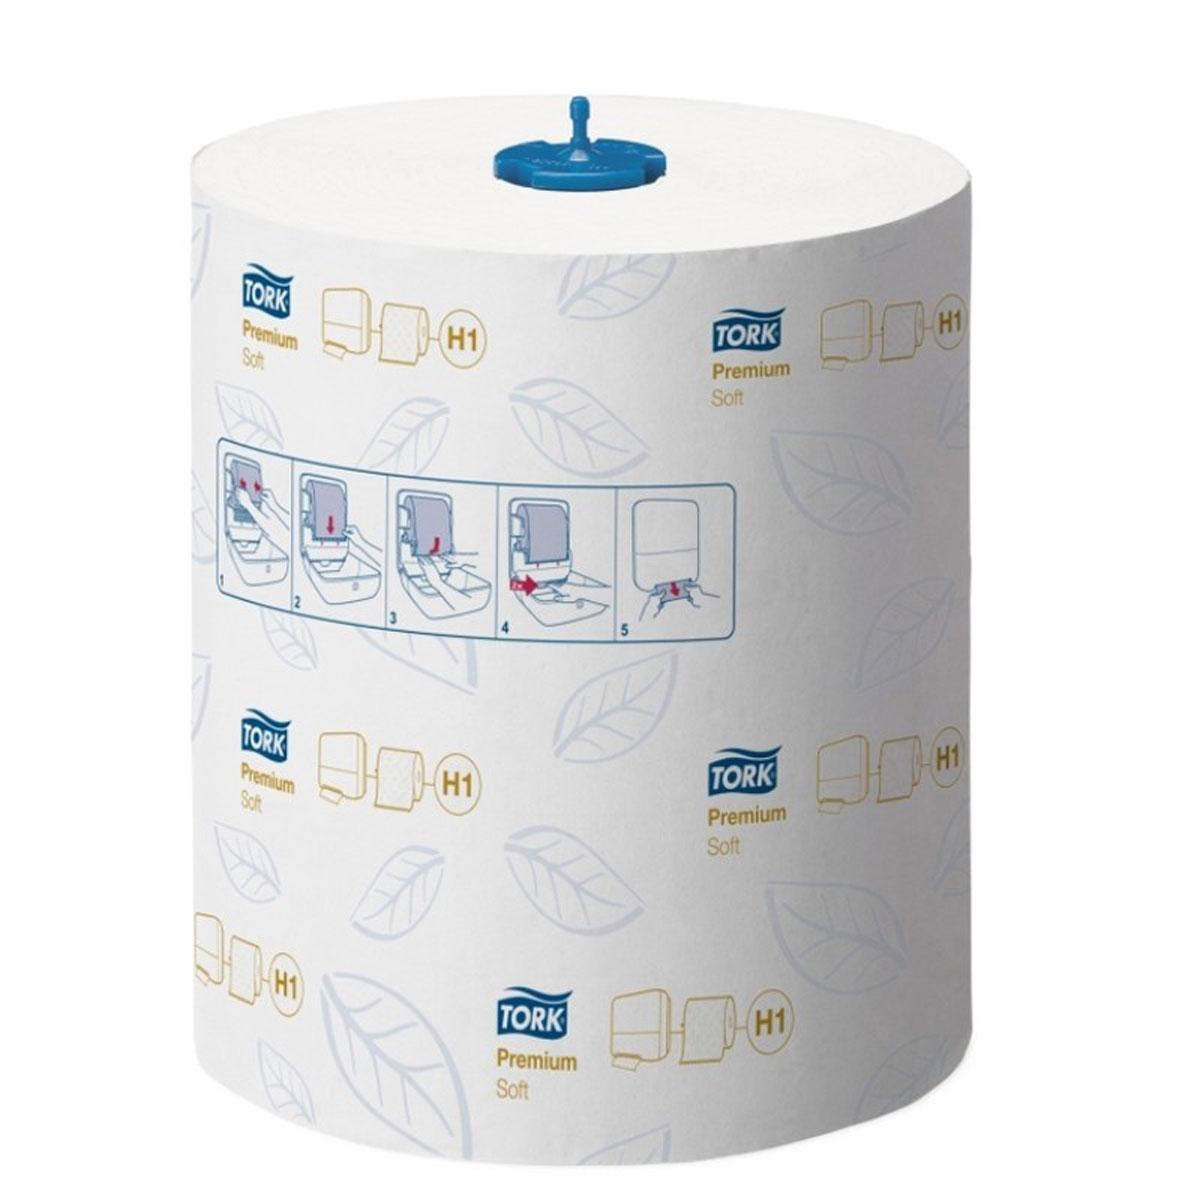 Полотенца бумажные Tork Matic, двухслойные, 6 рулонов290016Мягкие и объемные полотенца в рулонах. Благодаря использованию при производстве запатентованной технологии Сквозная сушка горячим воздухом (TAD) обладают высокой впитывающей способностью. Способны впитывать влаги в 8 раз больше собственного веса. Есть перфорация и тиснение в виде фирменных листочков. Экономный расход бумаги - в среднем 1,25 листа на человека.Система Н1 - рулонные полотенца. Категория Premium-класса.Состав: натуральная целлюлоза.Цвет: белый с синим тиснением.Размеры: 2 слоя, в рулоне 100 м (400 листов), ширина 21 см, в упаковке 6 рулонов.